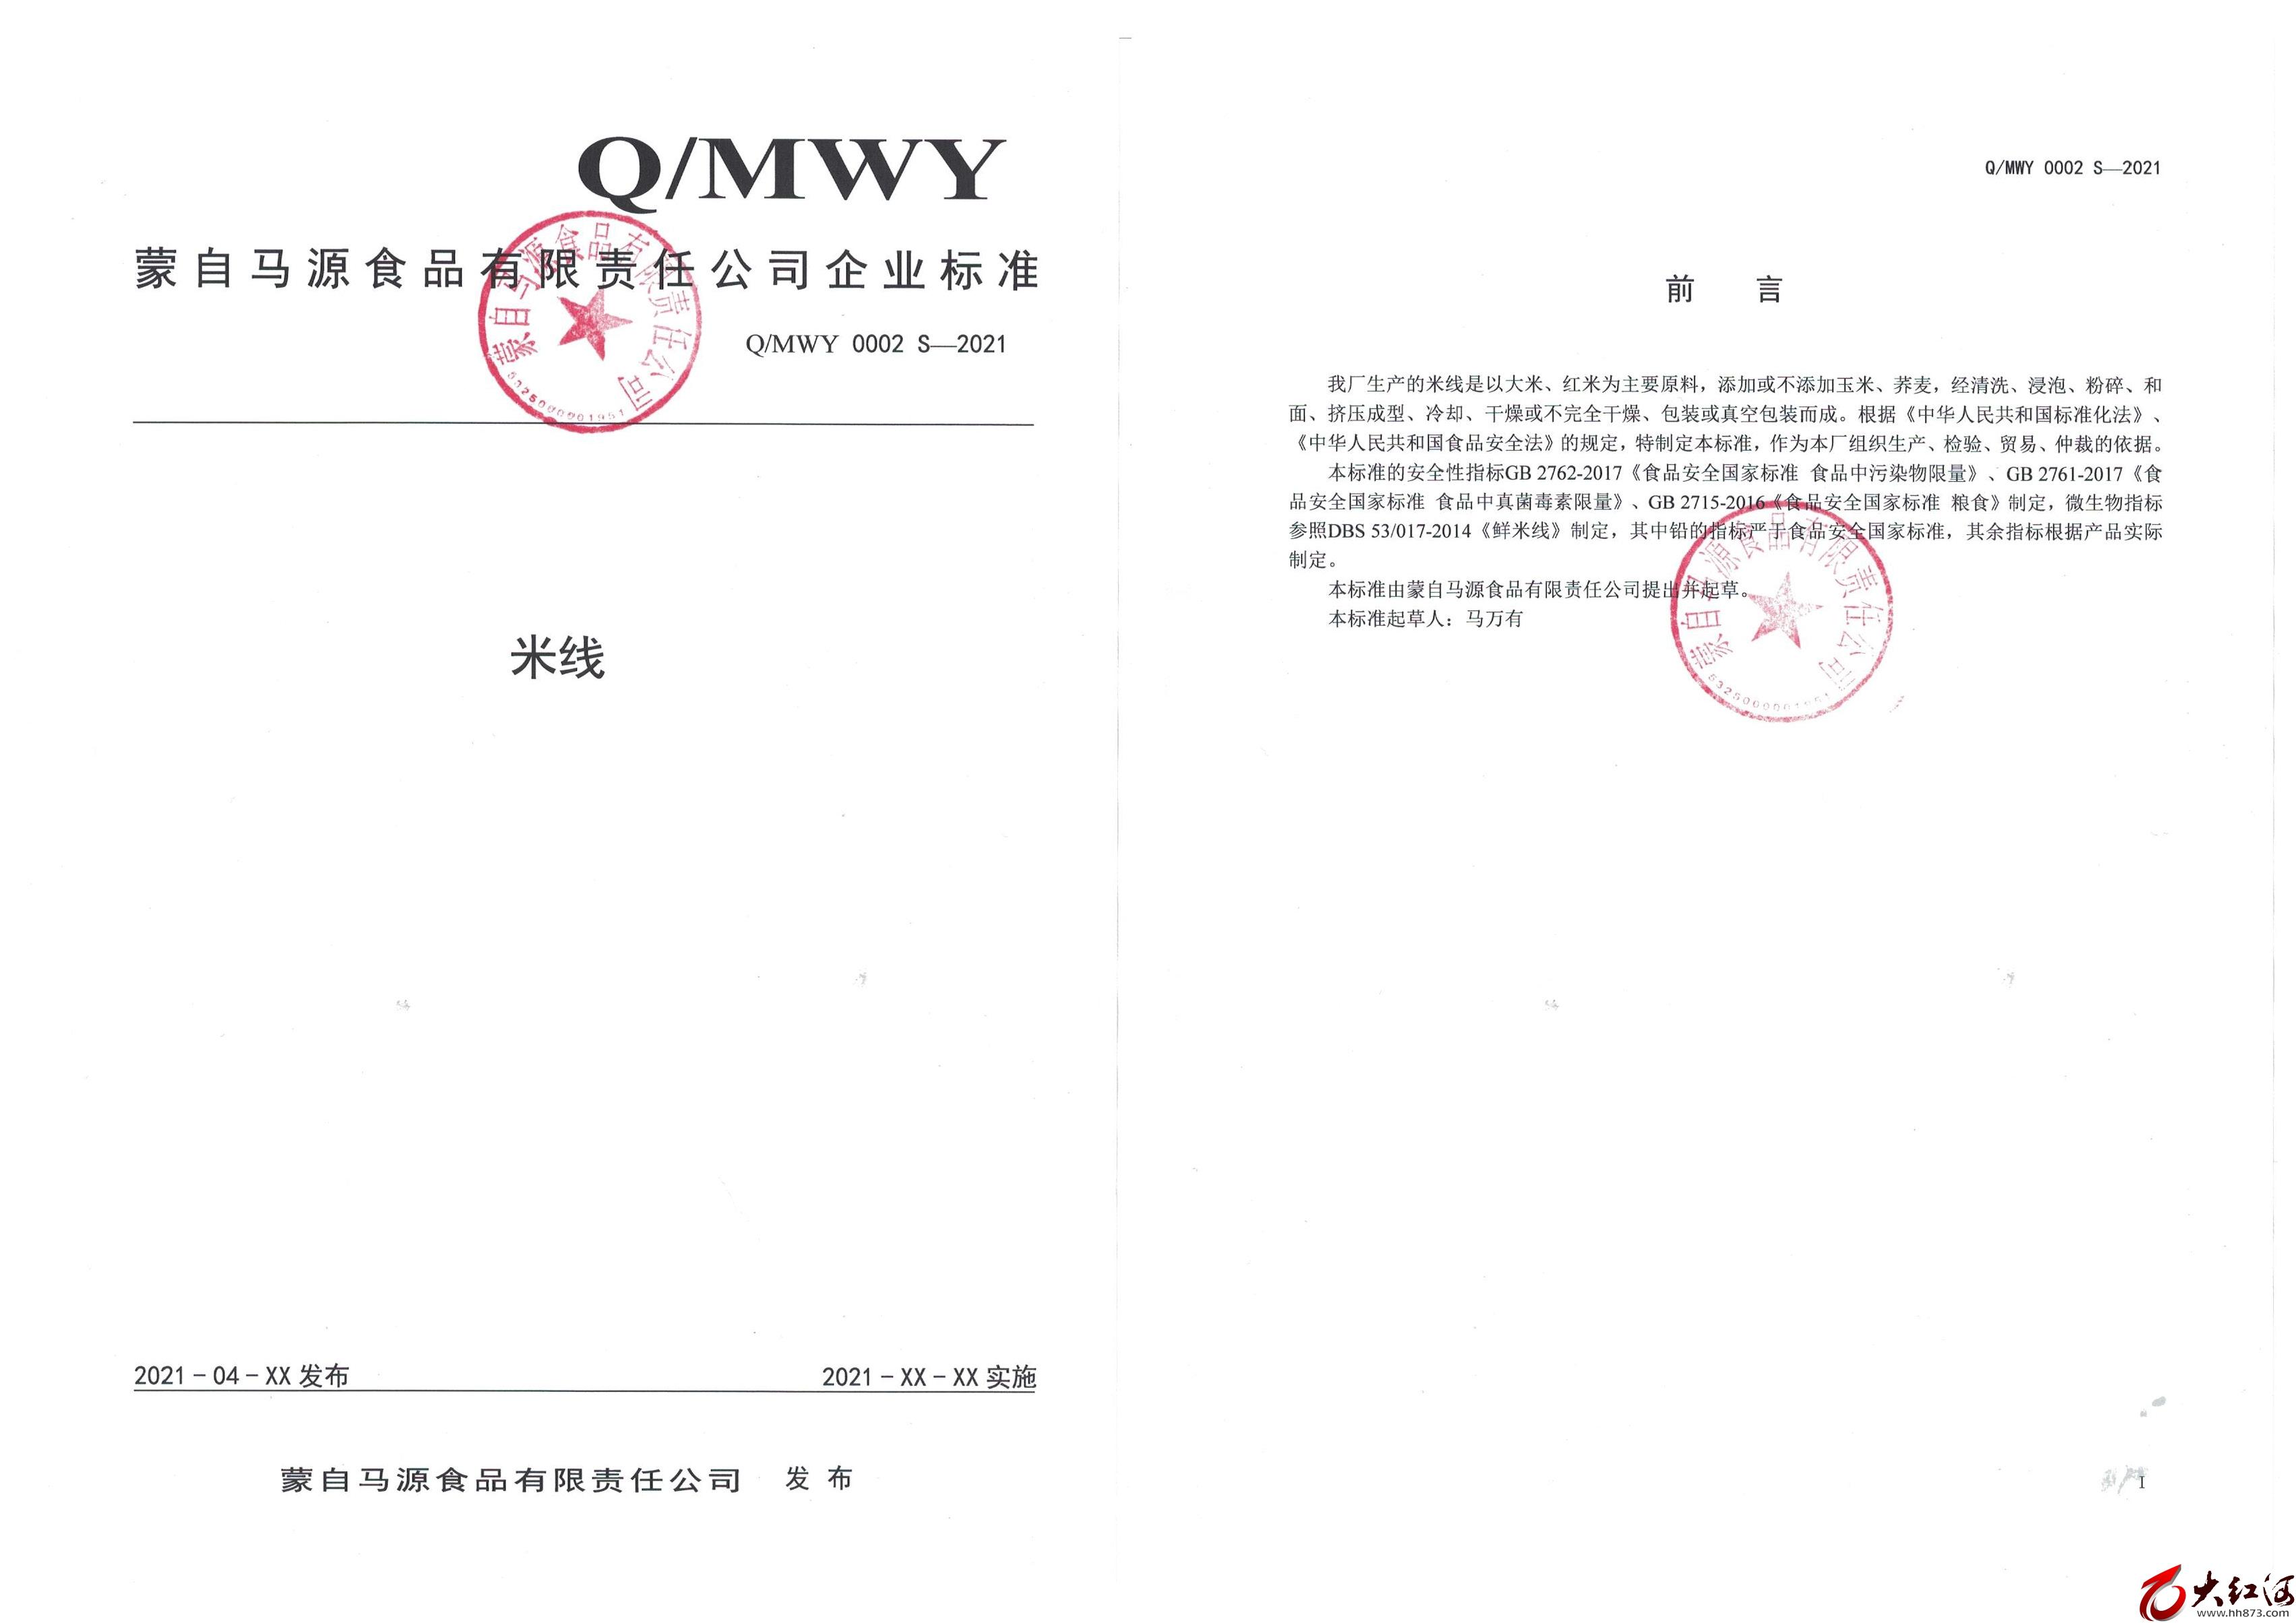 蒙自马源食品有限责任公司企业标准Q/MWY0002 S-2021《米线》标准文本和编制说明的公示